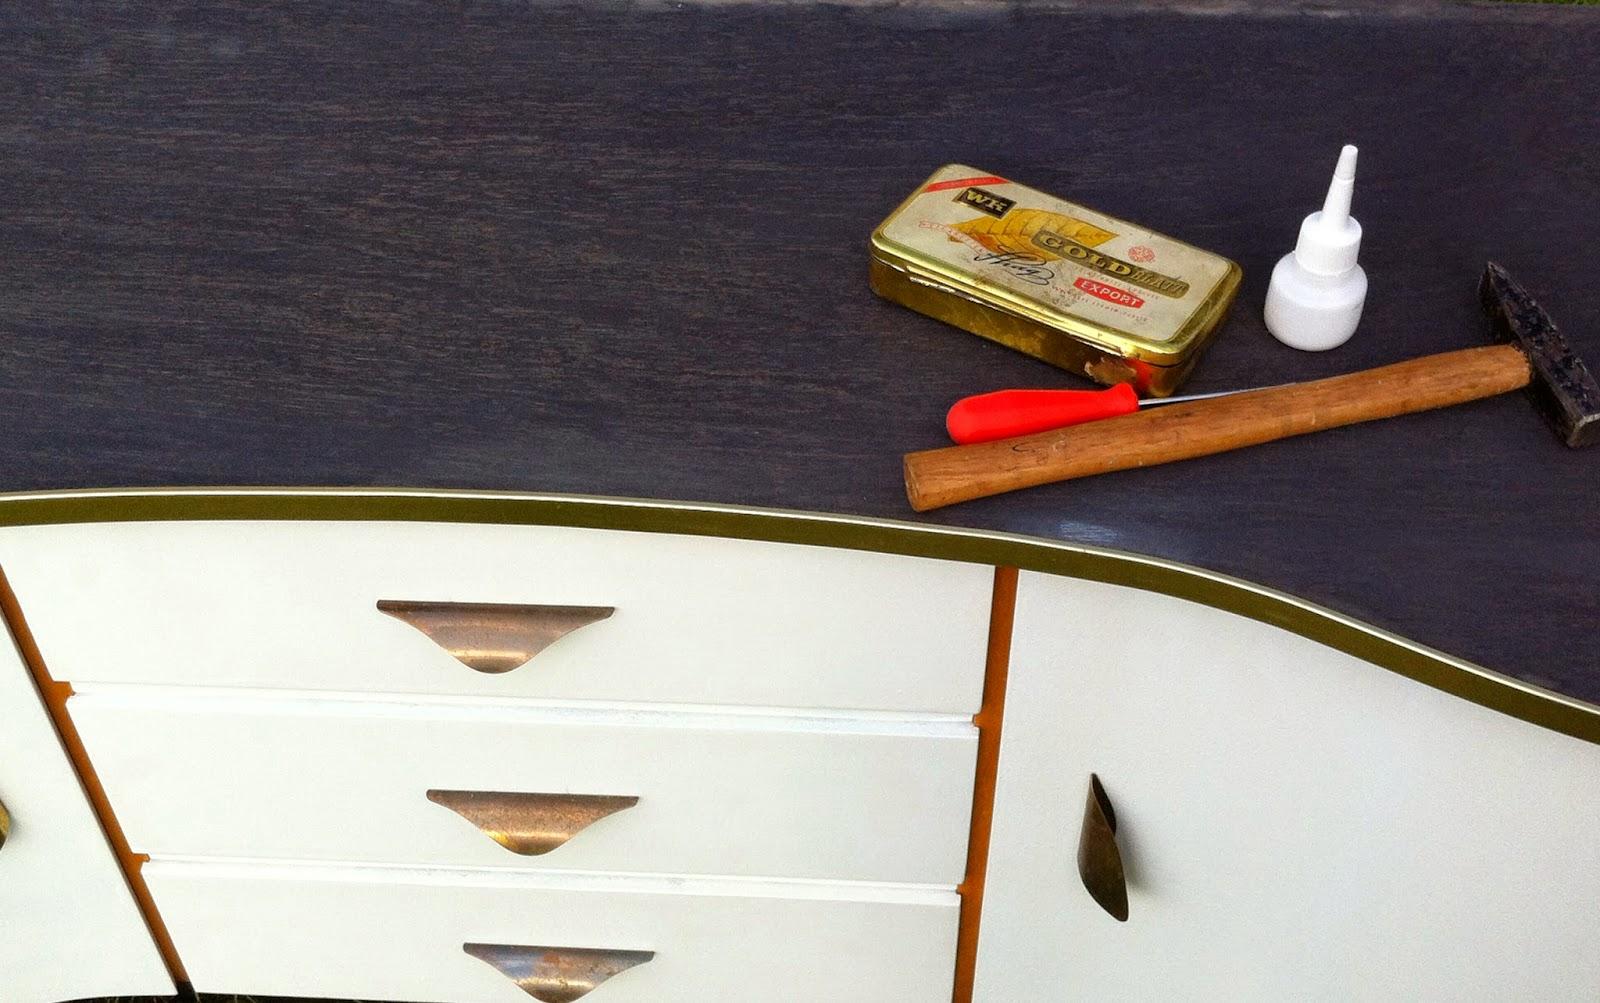 sehnsuchtssachen aus alt mach neu naja so gut wie. Black Bedroom Furniture Sets. Home Design Ideas